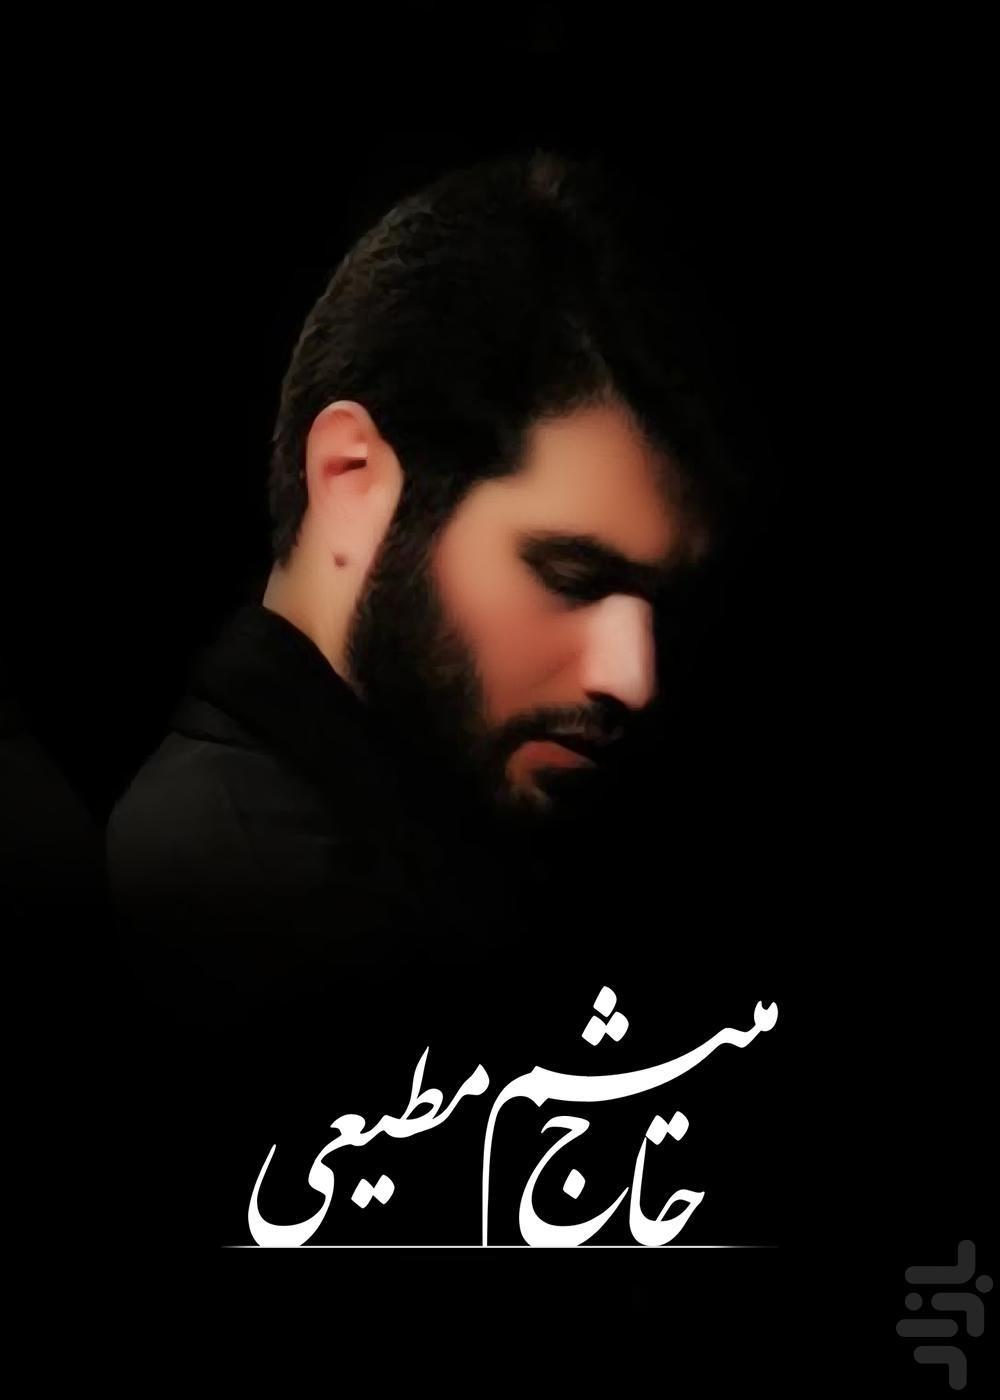 مداحی گردنتونو میشکنیم به والله مداحی عربی به یاد شهدای مظلوم فوعه و کفریا.